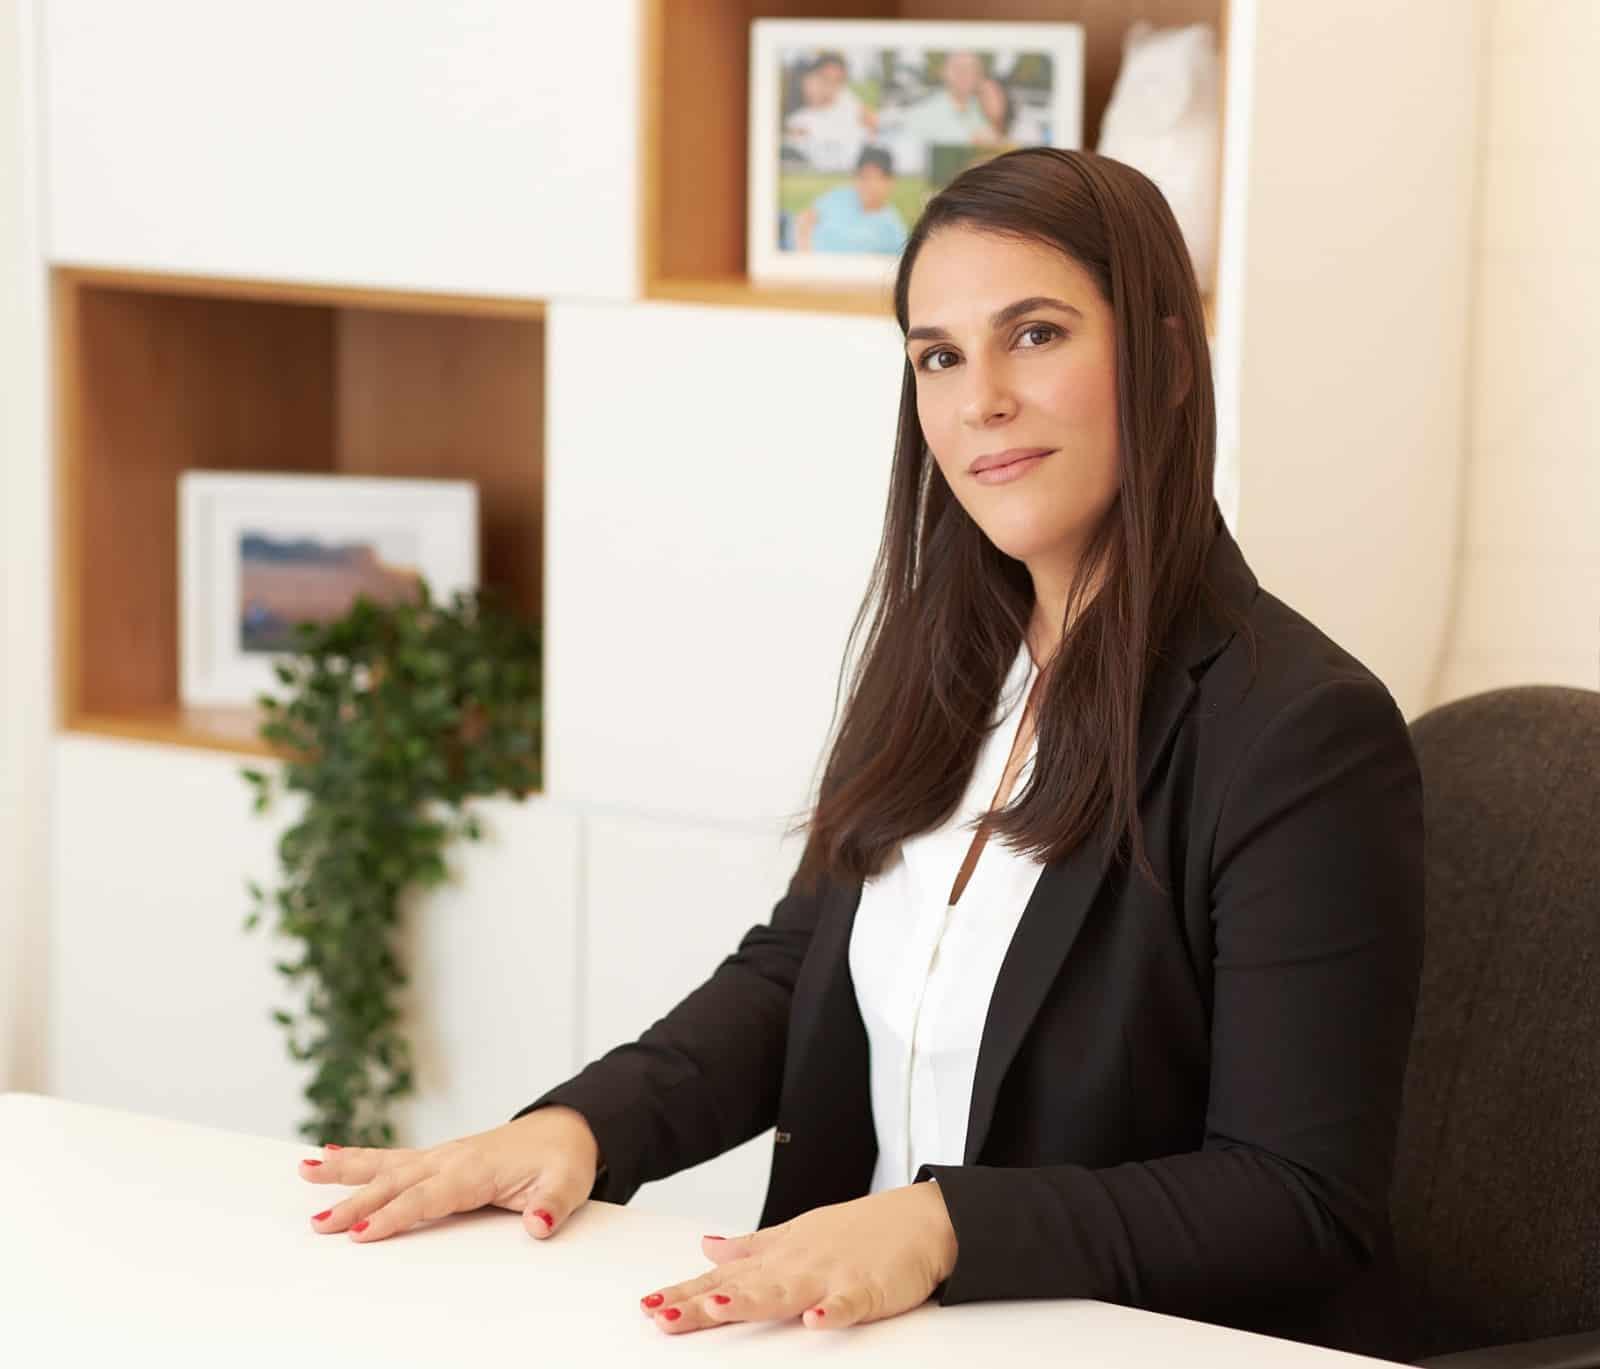 סיון אלה-לוי, עורכת דין